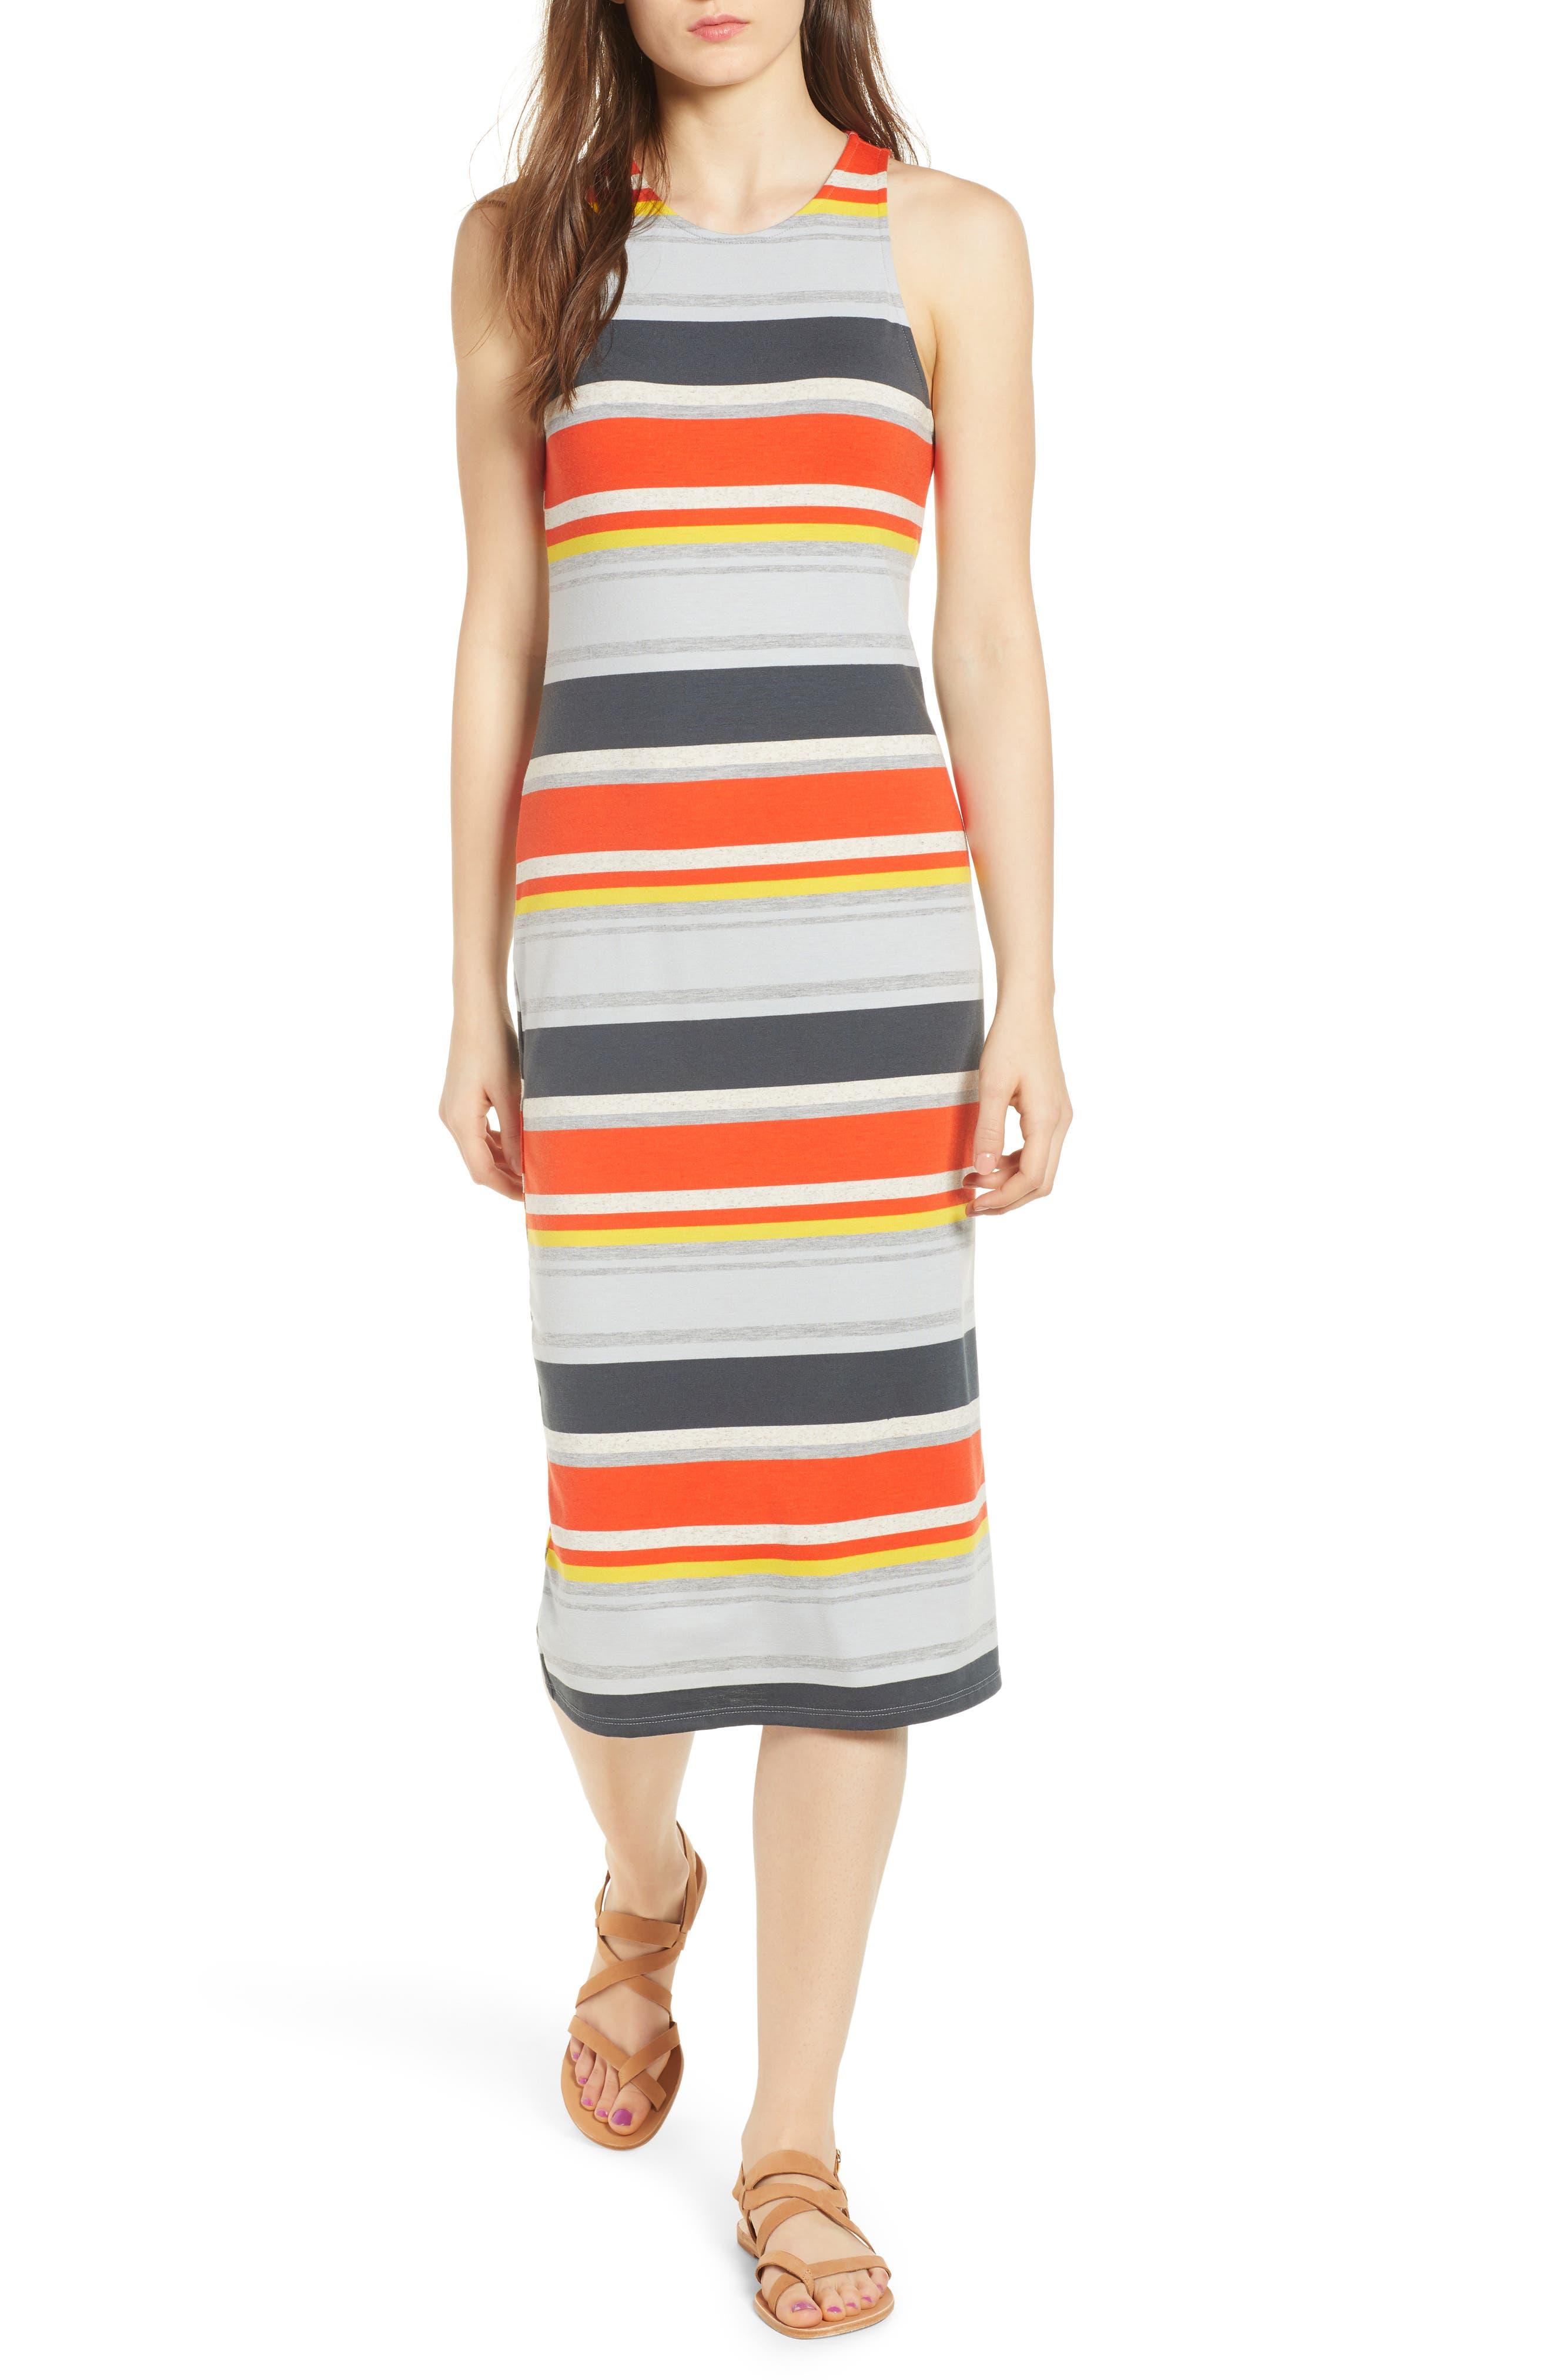 Stripe Midi Dress,                             Main thumbnail 1, color,                             Orange Multi